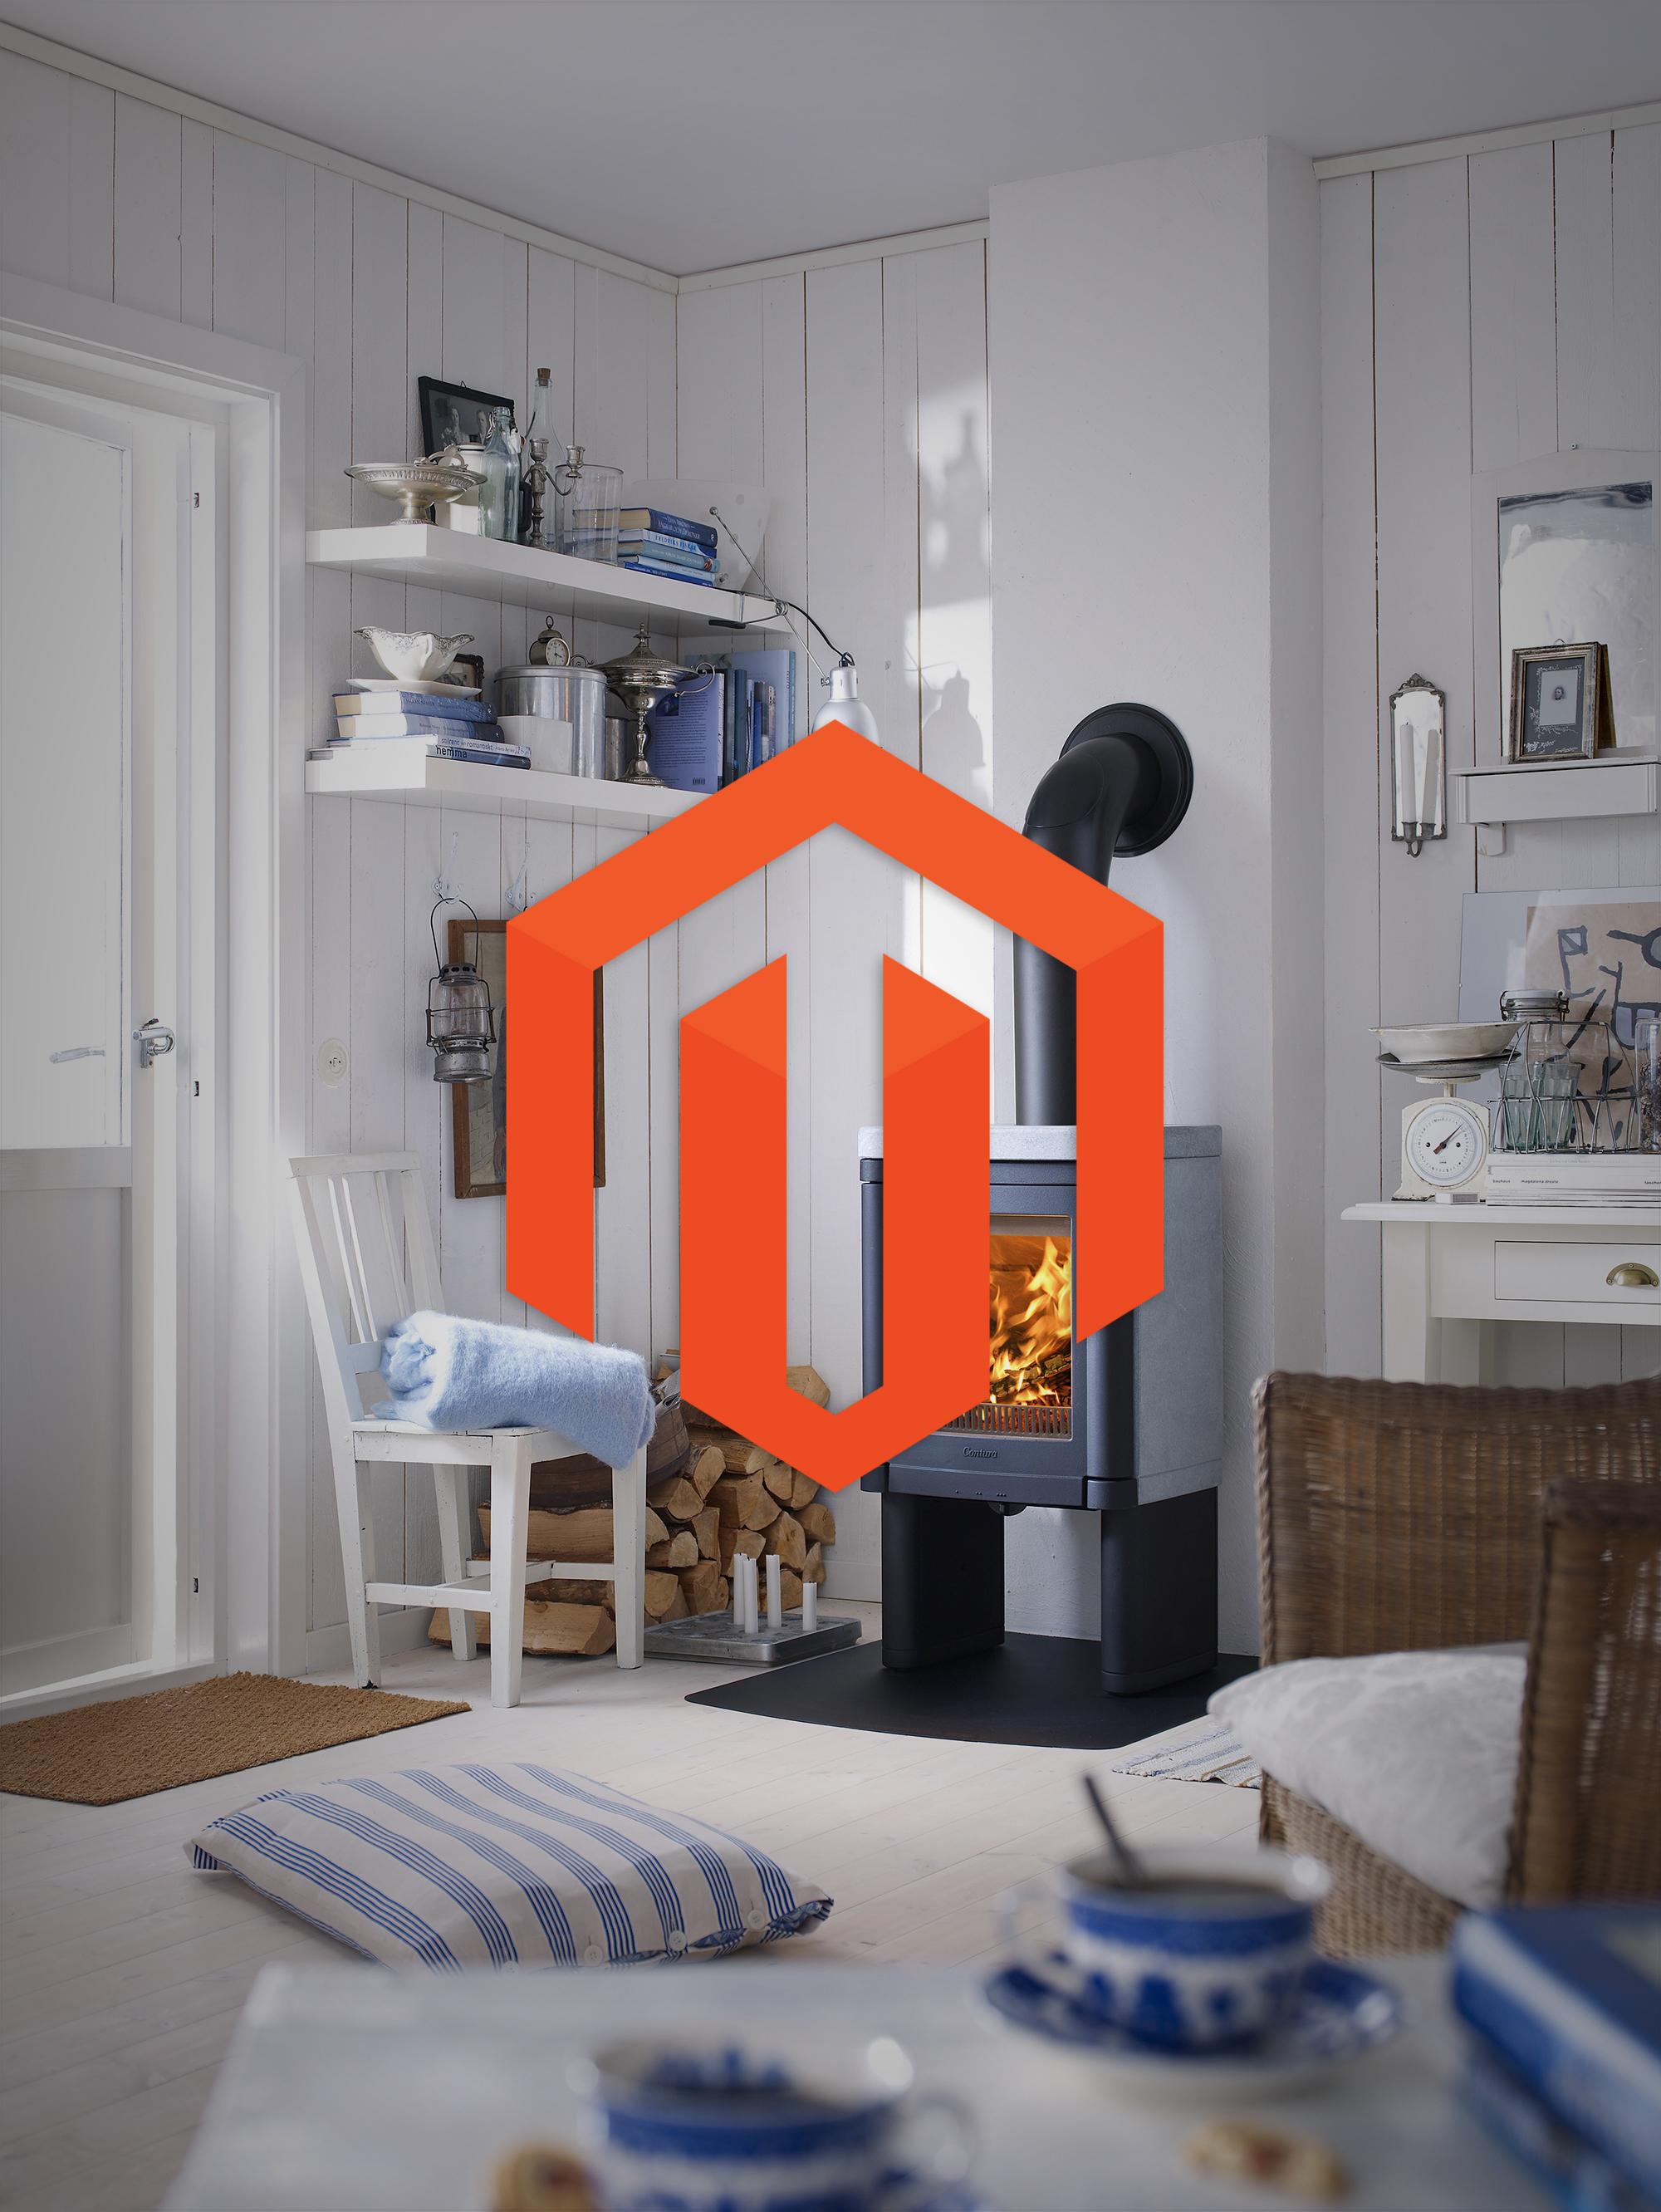 Inredning Tvättställ Med Underskåp Tusentals idéer om inredning och hem design bilder